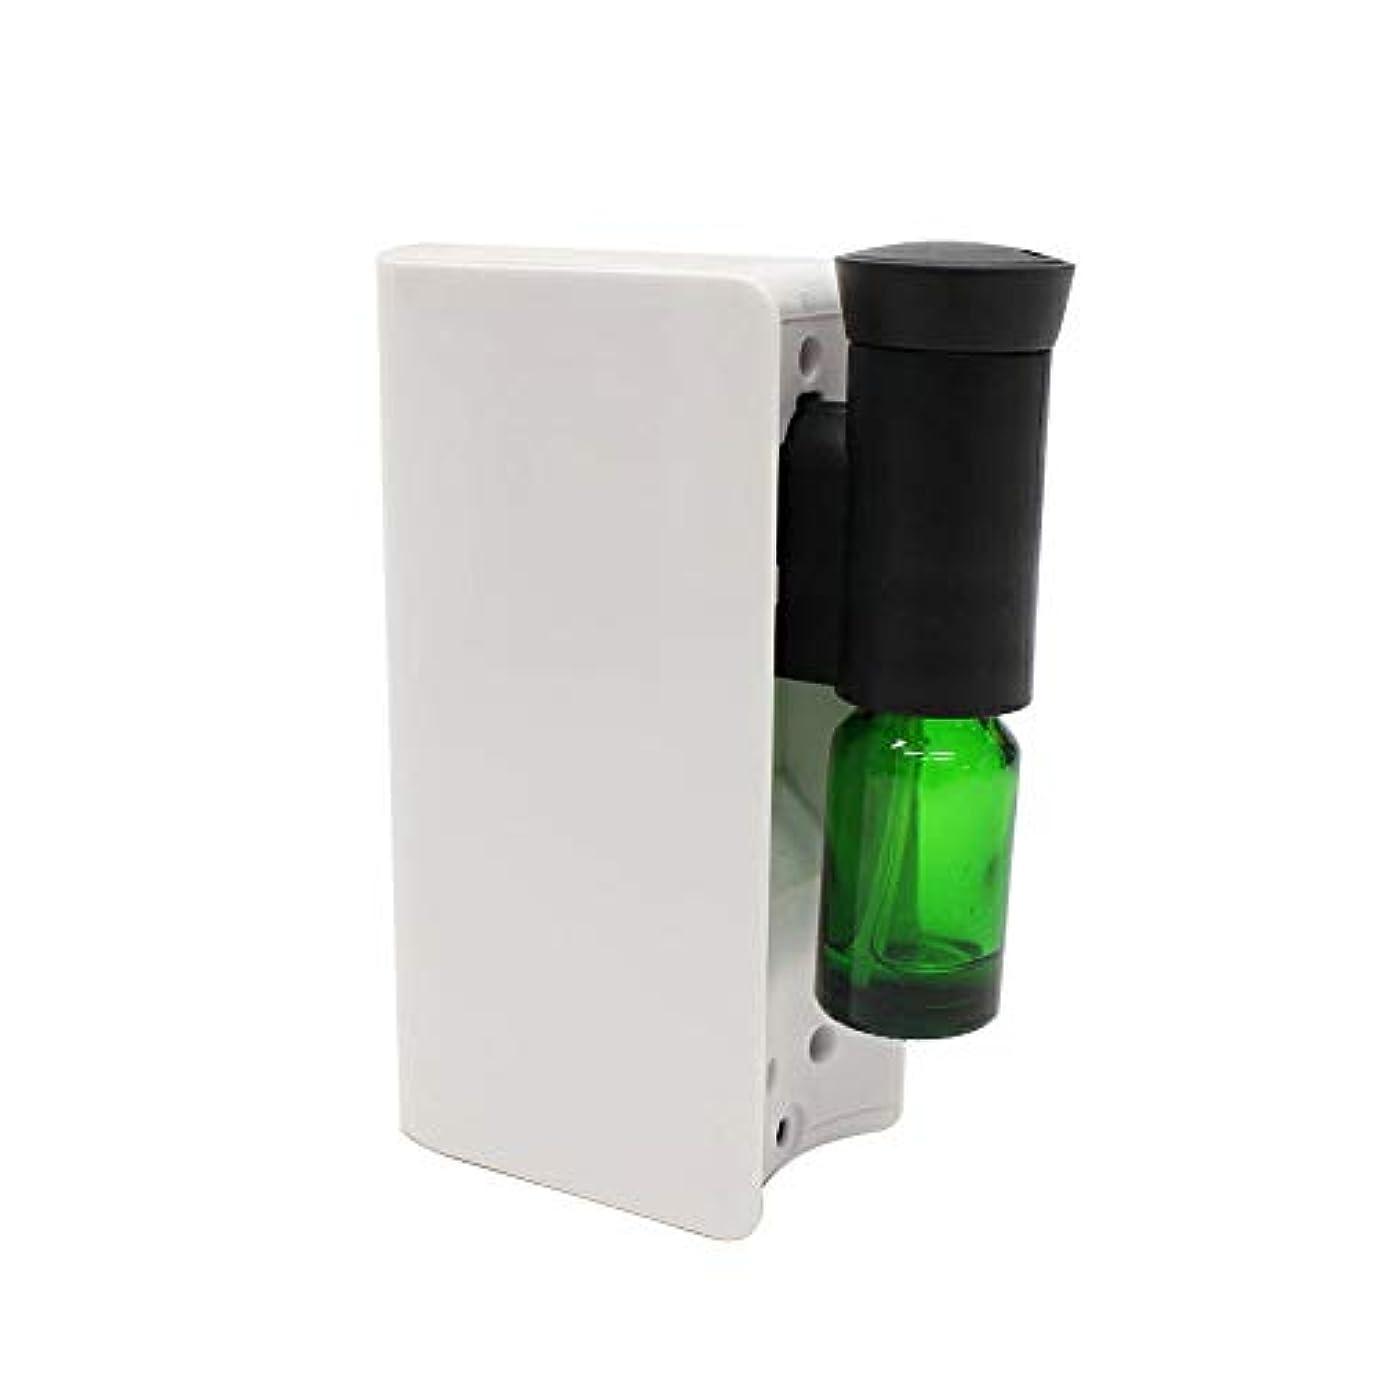 あえぎミュウミュウ窓を洗う電池式アロマディフューザー 水を使わない ネブライザー式 アロマ ディフューザー アロマオイル対応 自動停止 ECOモード搭載 コンパクト 香り 癒し シンプル ホワイト